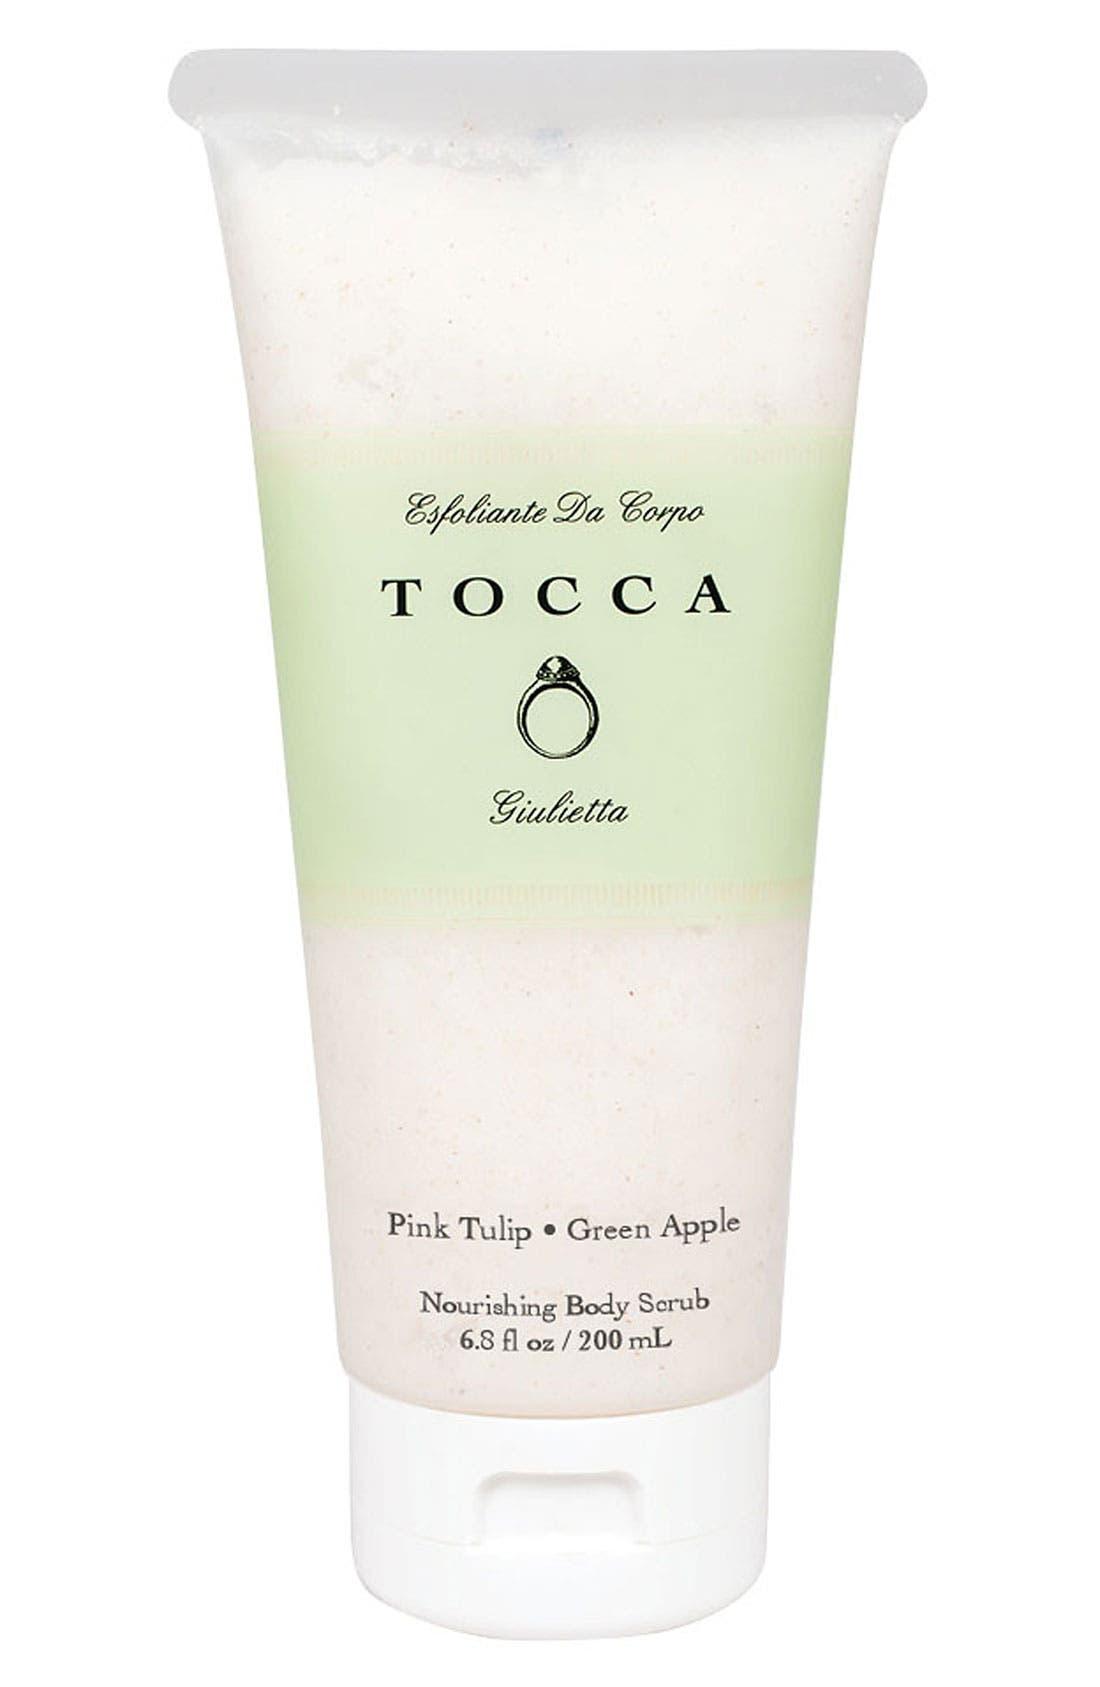 TOCCA 'Giulietta - Esfoliante da Corpo' Body Scrub